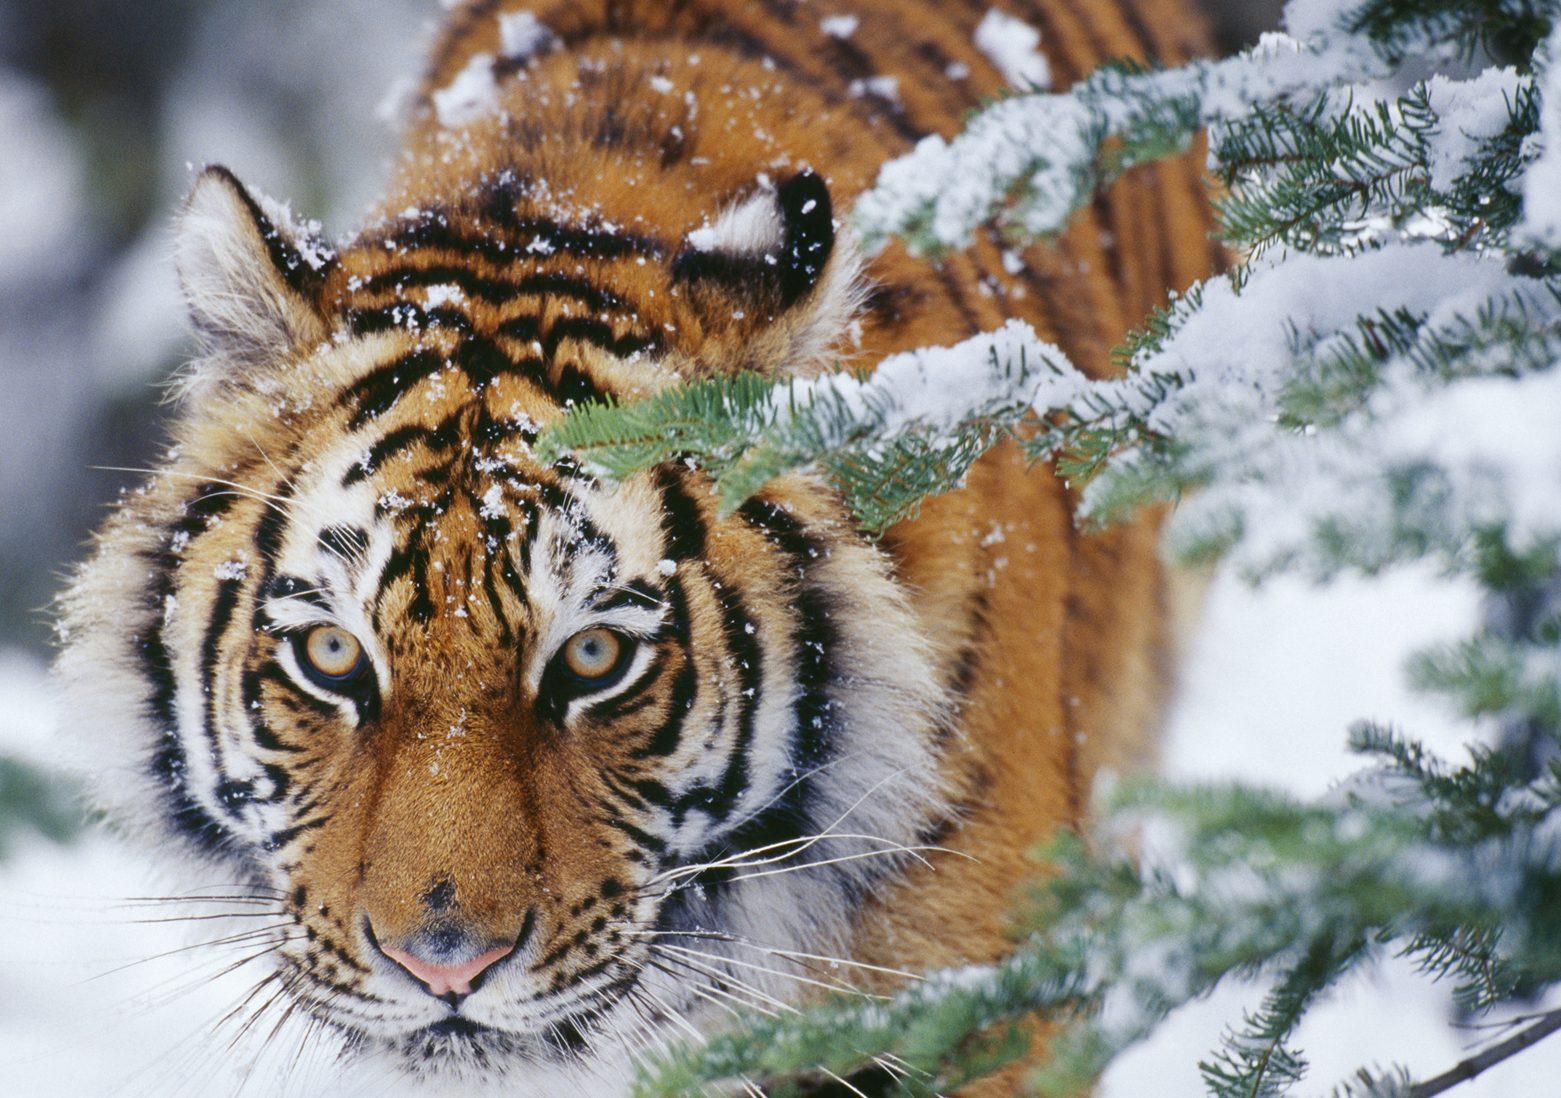 jul, juleshopping, juleræs, rejser, sydpå, rejse, vilddyr, ferie, kaos, julen